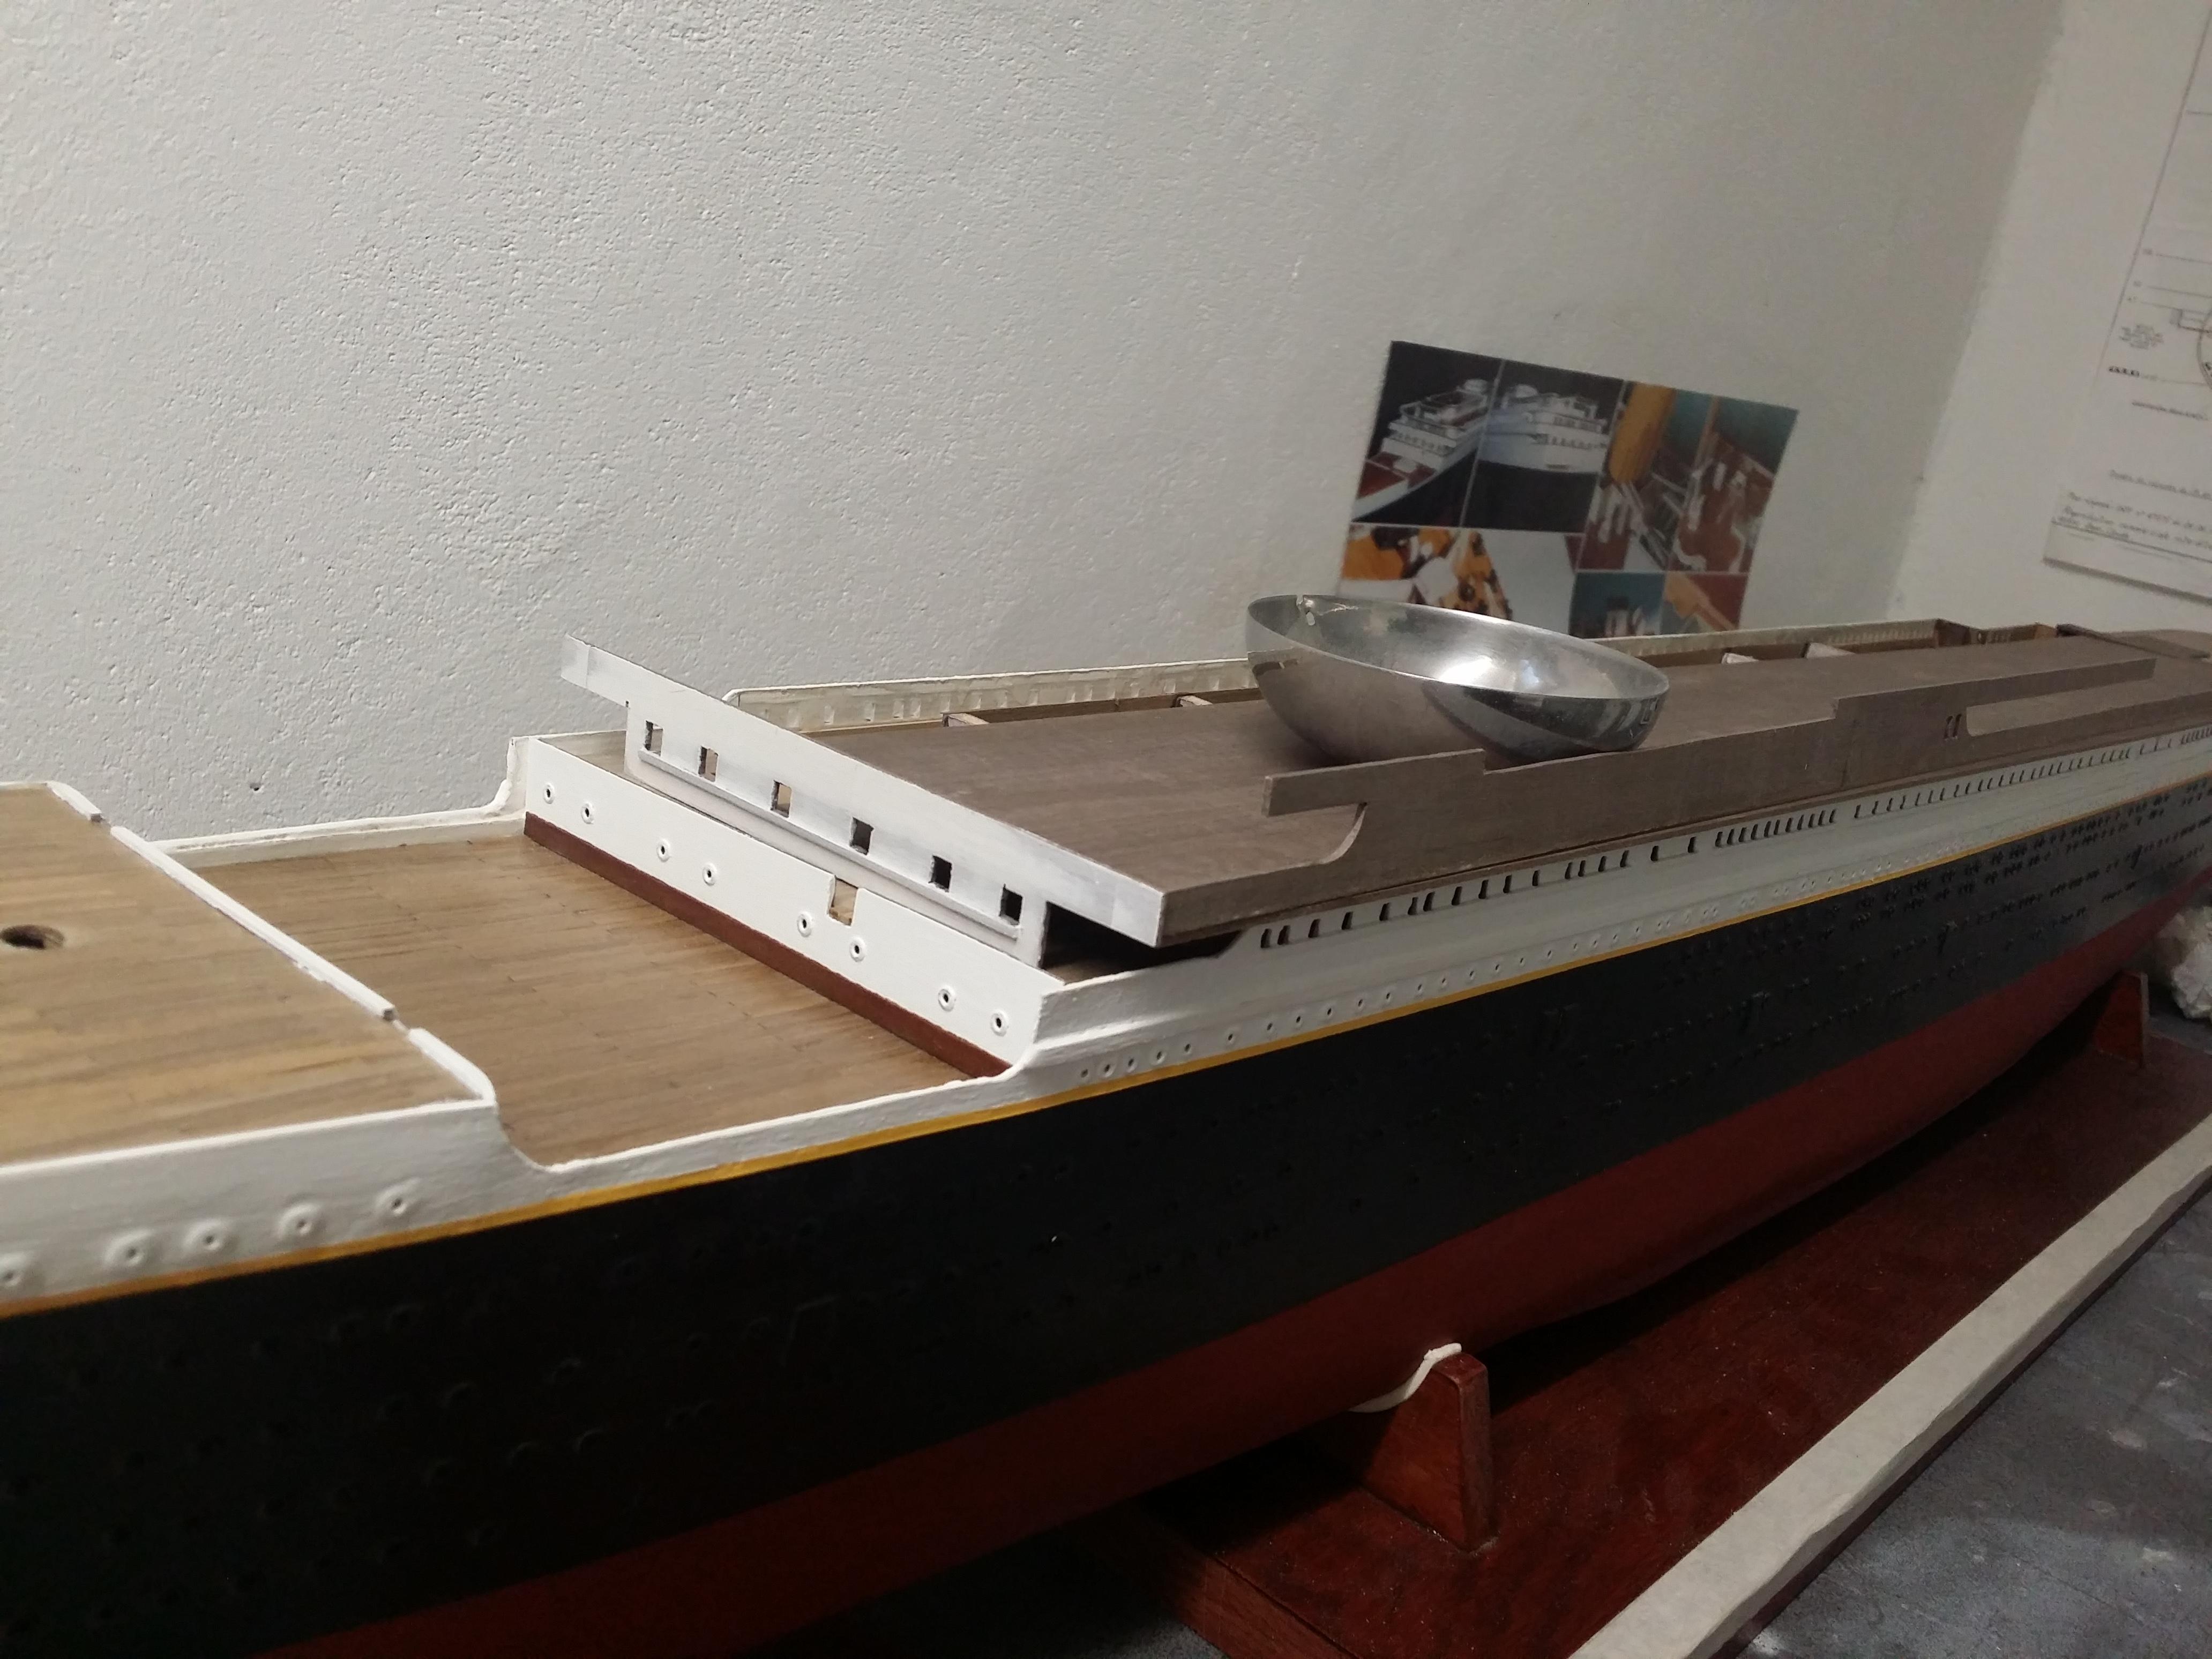 RMS Titanic sur plan   au 1/200 - Page 2 4813907667